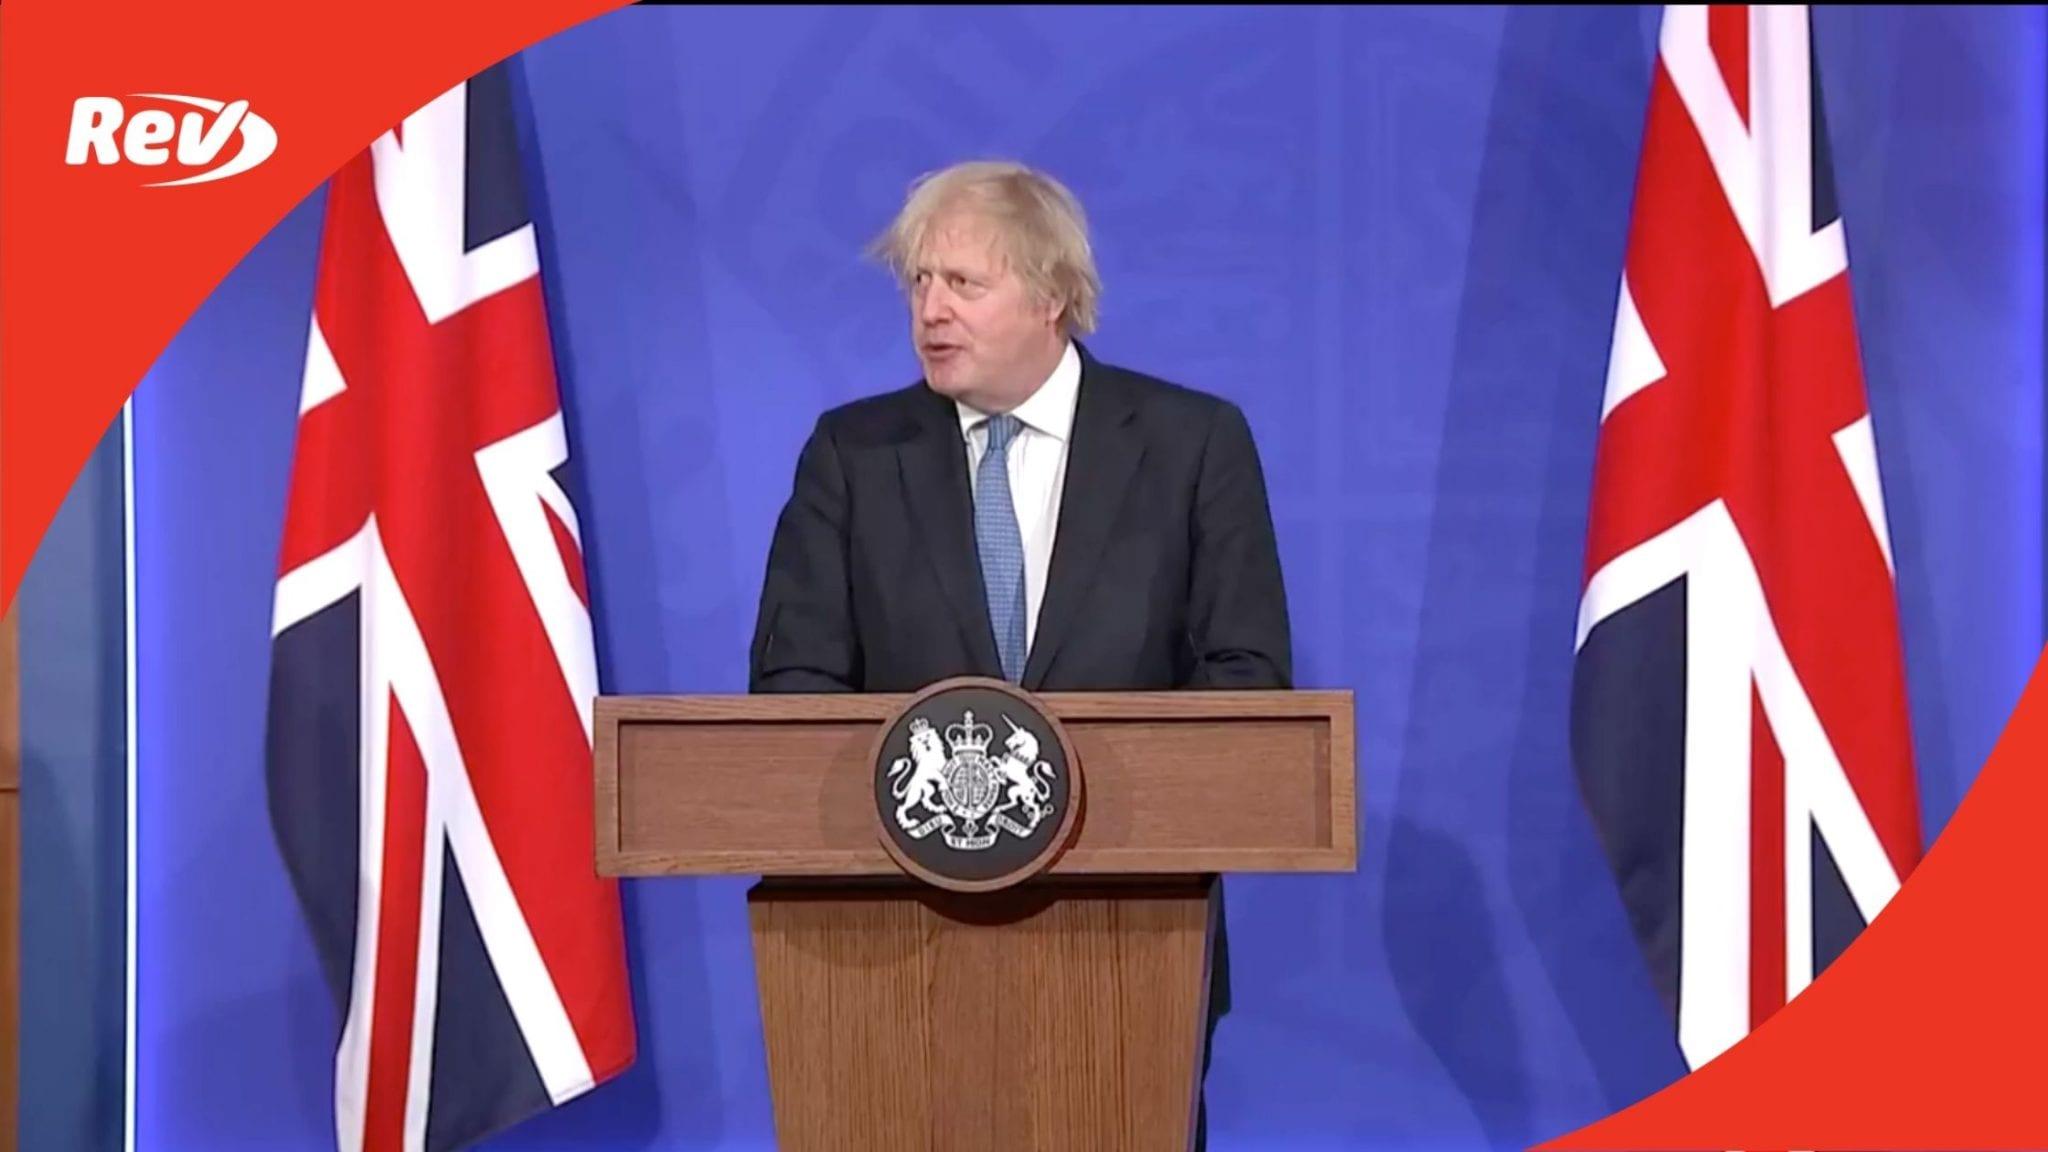 UK Prime Minister Boris Johnson COVID-19 Press Conference Transcript April 5